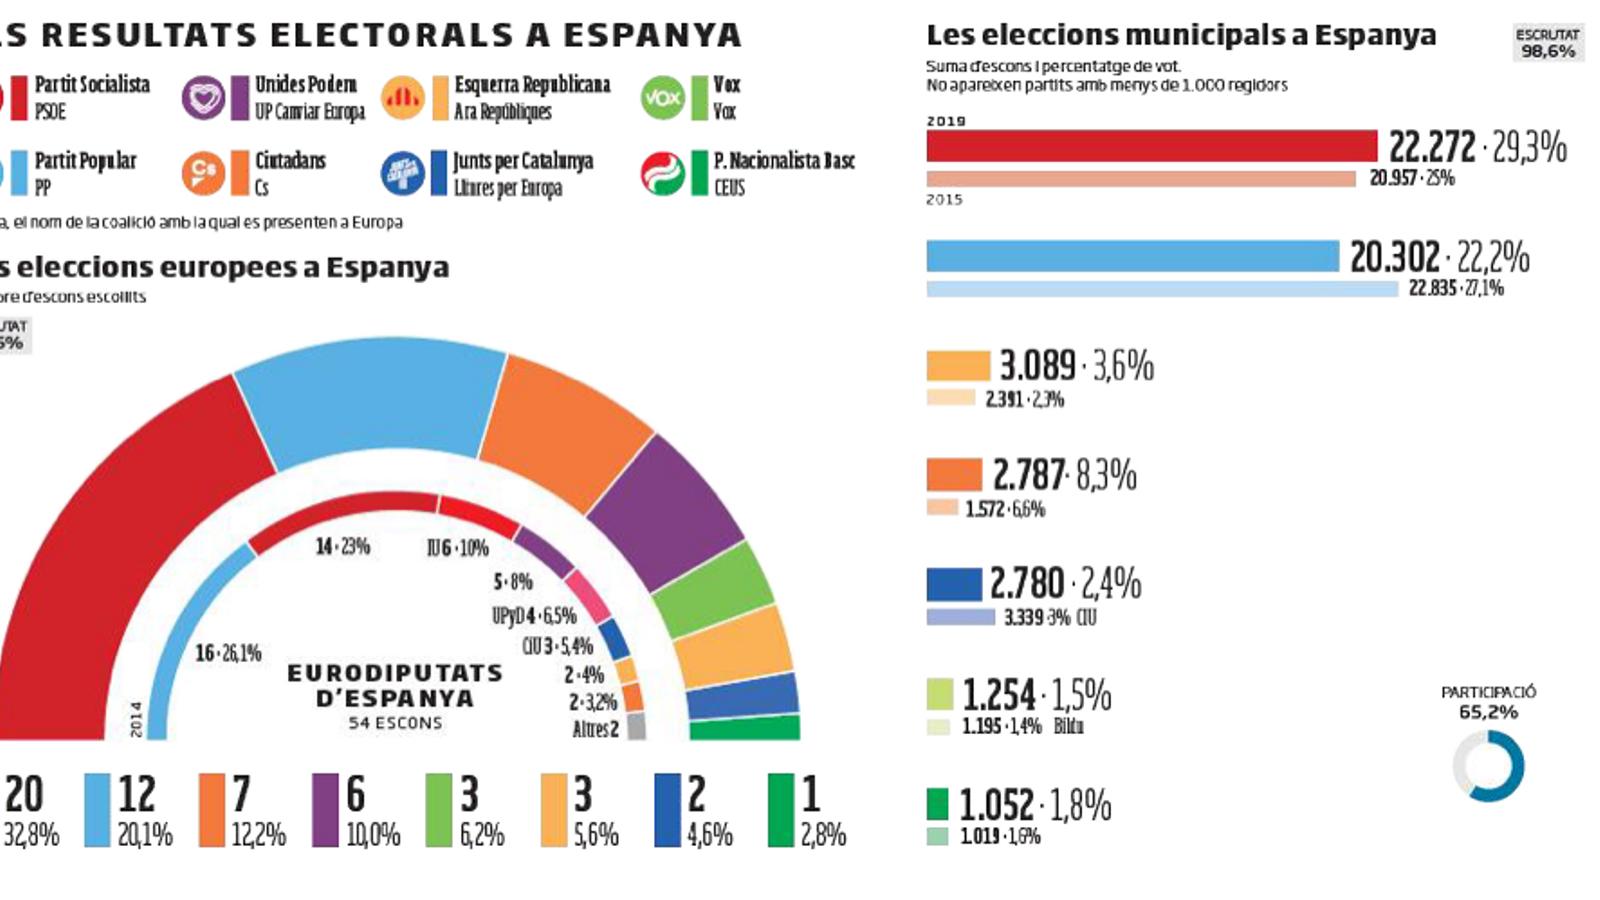 Madrid, contrapès a un poder socialista creixent